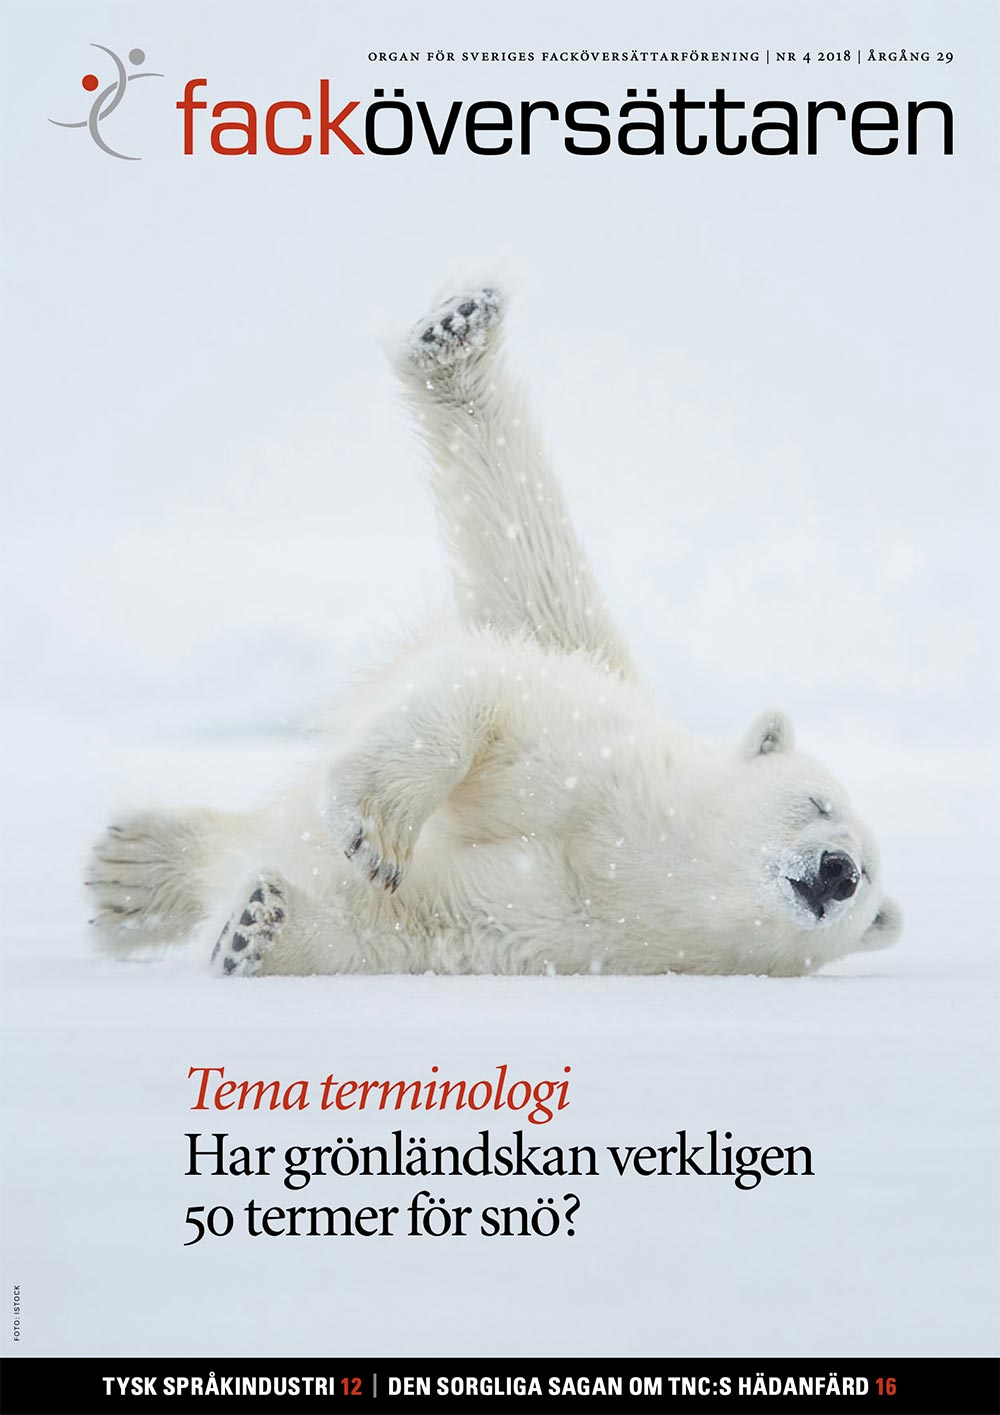 Forside til oversættertidsskriftet Facköversättaren-4-2018 med en isbjørn i et snedækket landskab, som ruller sig i sneen.